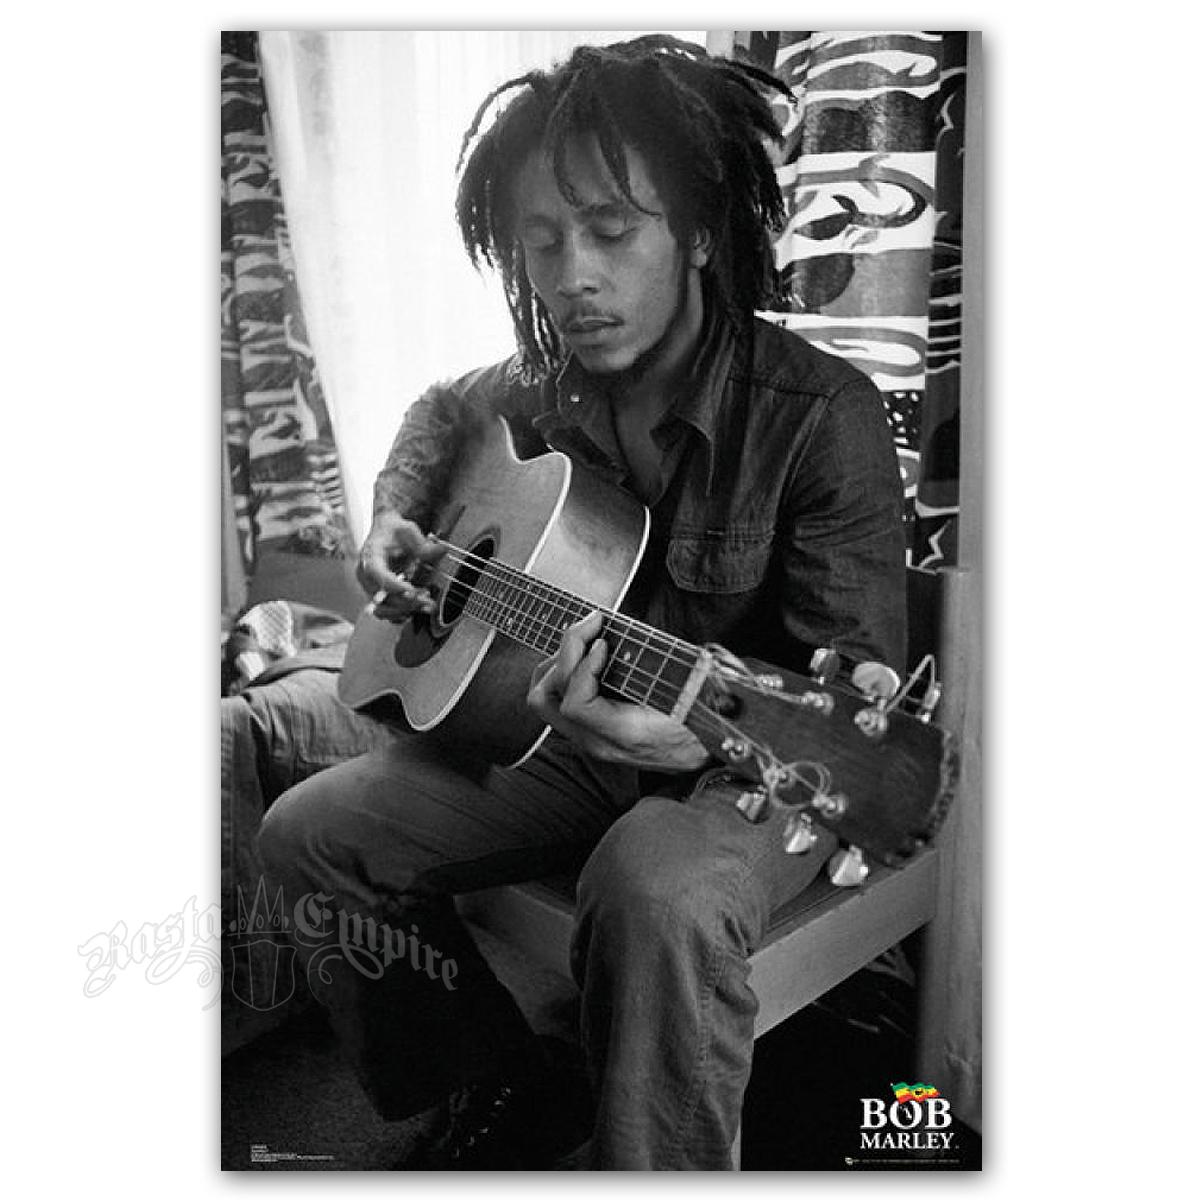 bob marley guitar poster 24 x 36. Black Bedroom Furniture Sets. Home Design Ideas